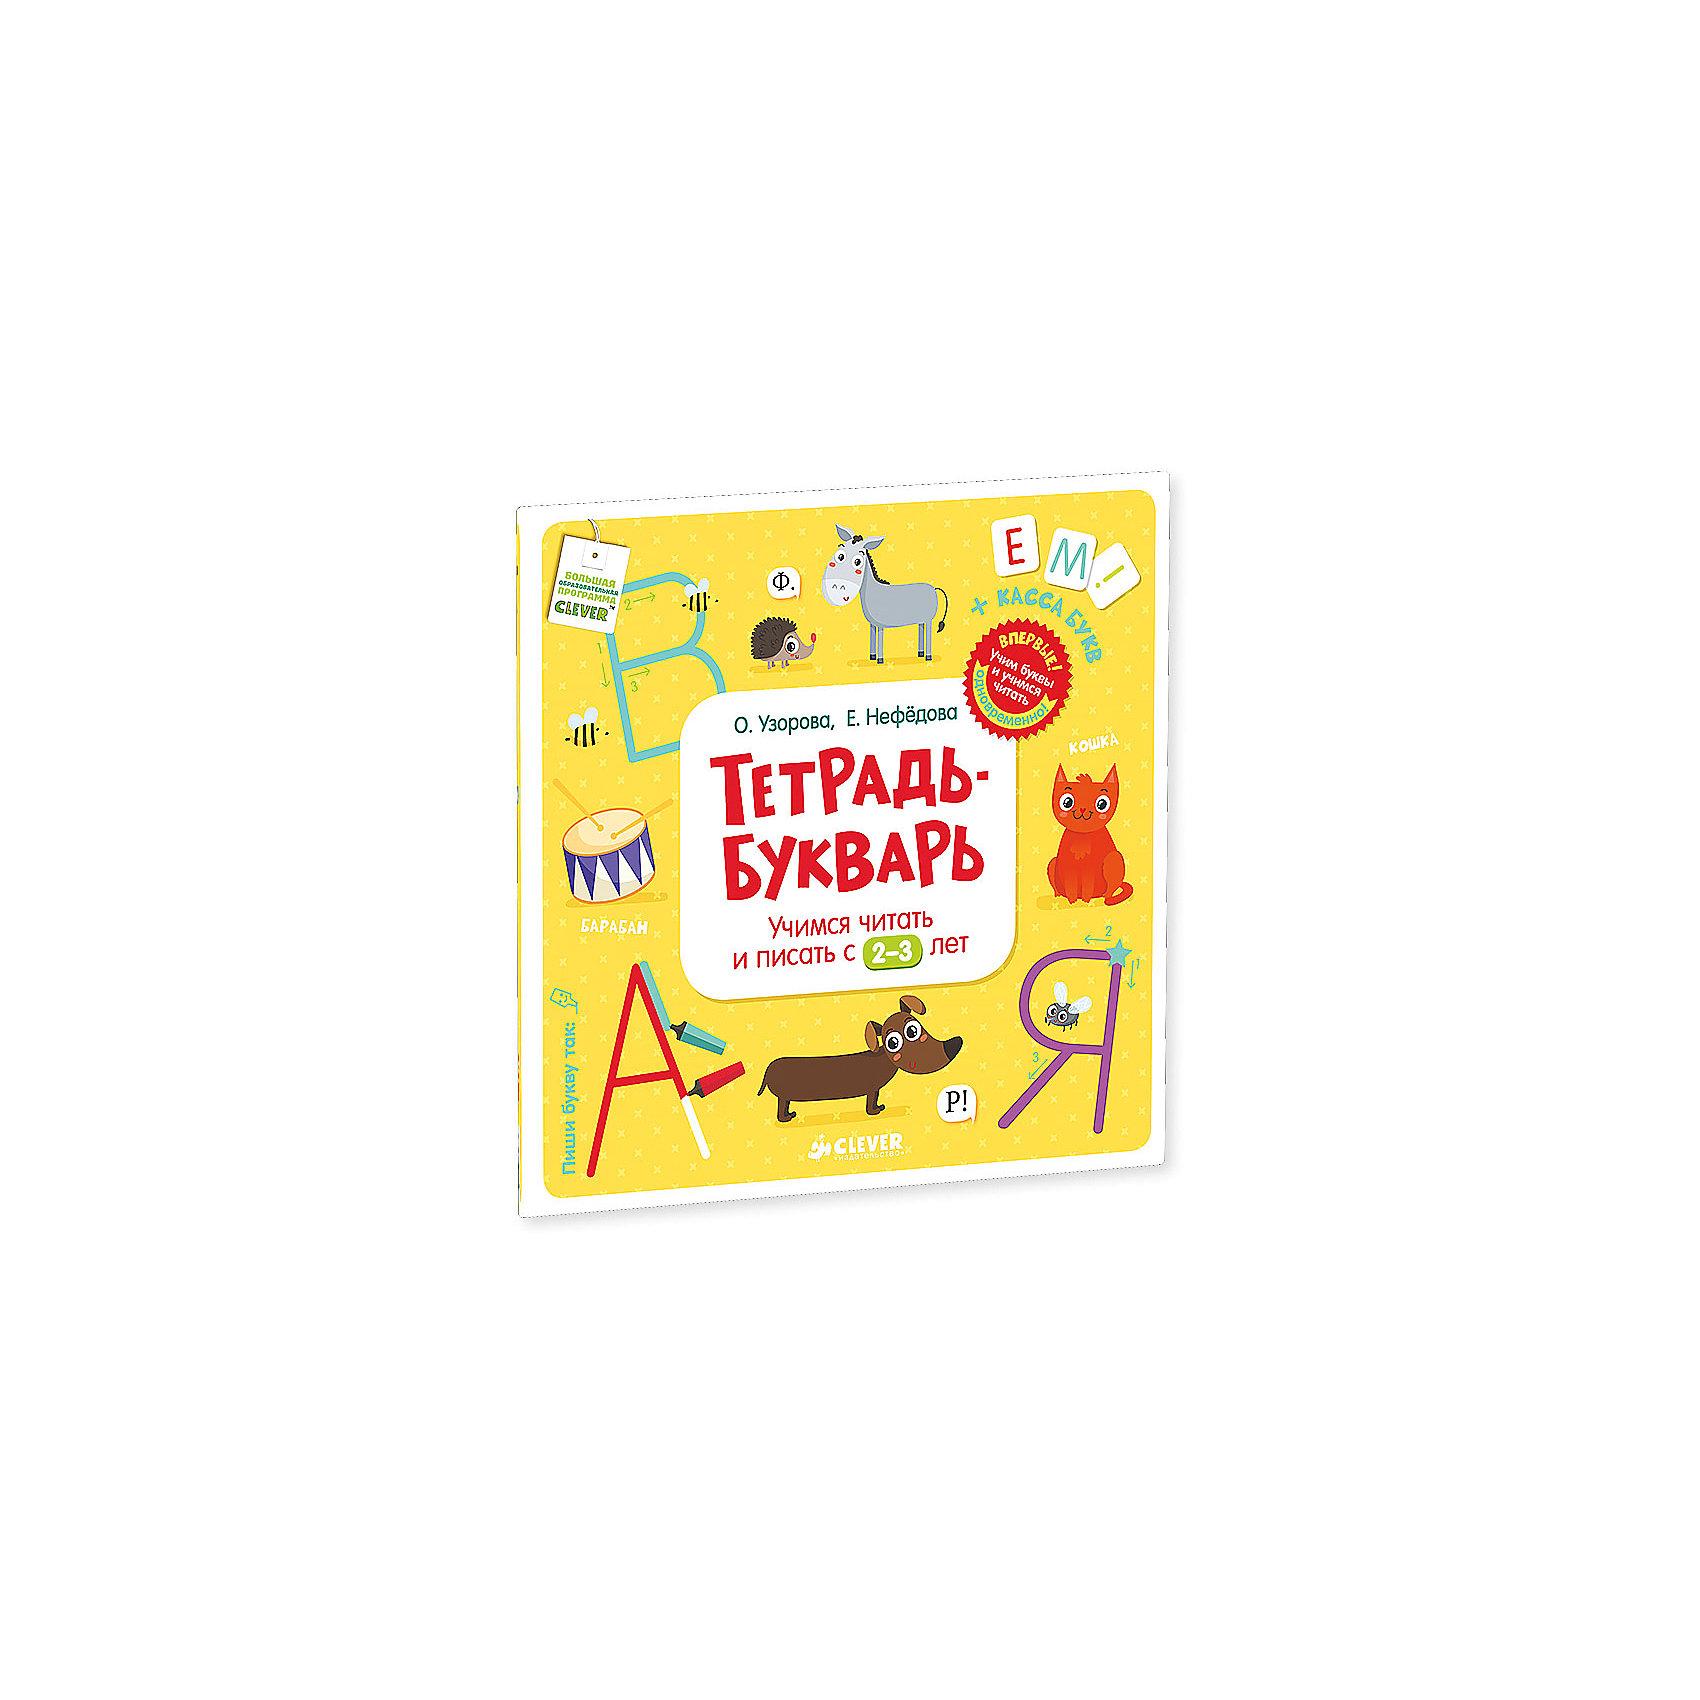 Clever Тетрадь-Букварь Учимся читать и писать с 2-3 лет рисуем пальчиками 5 7 лет 6 уровень узорова о в нефедова е а clever